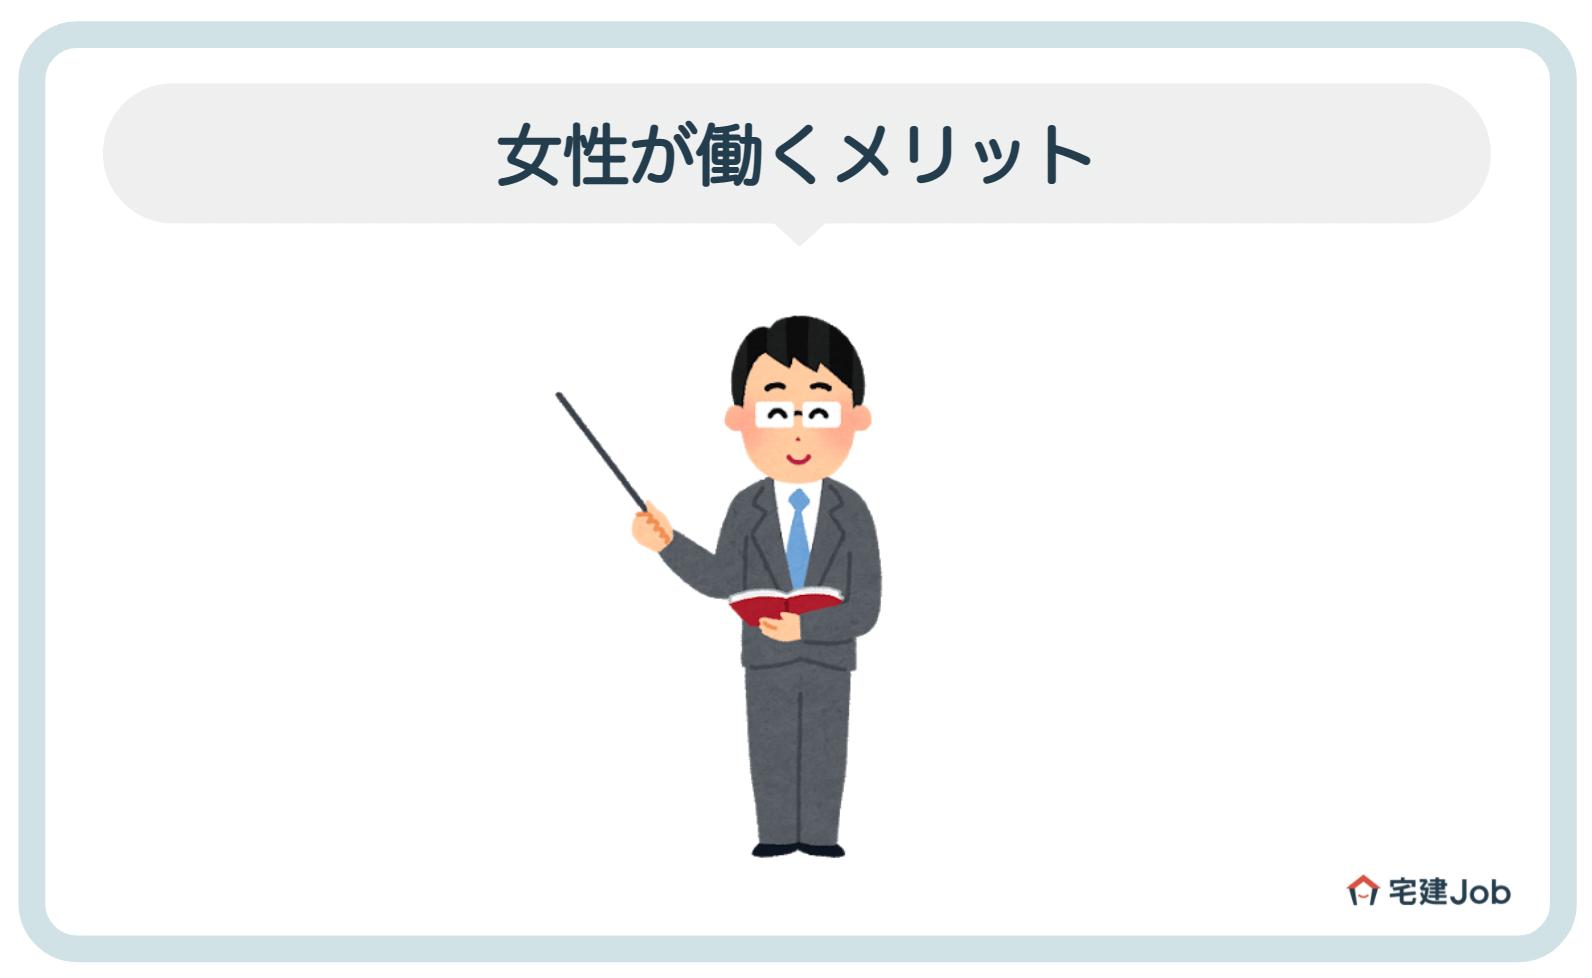 3.不動産業界で女性が働くメリット【仕事内容】